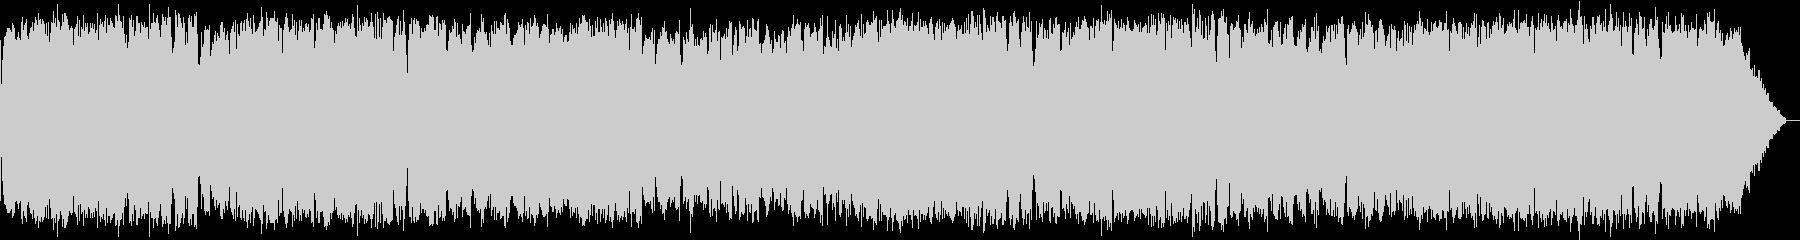 浮遊感のある竹笛のヒーリング音楽の未再生の波形